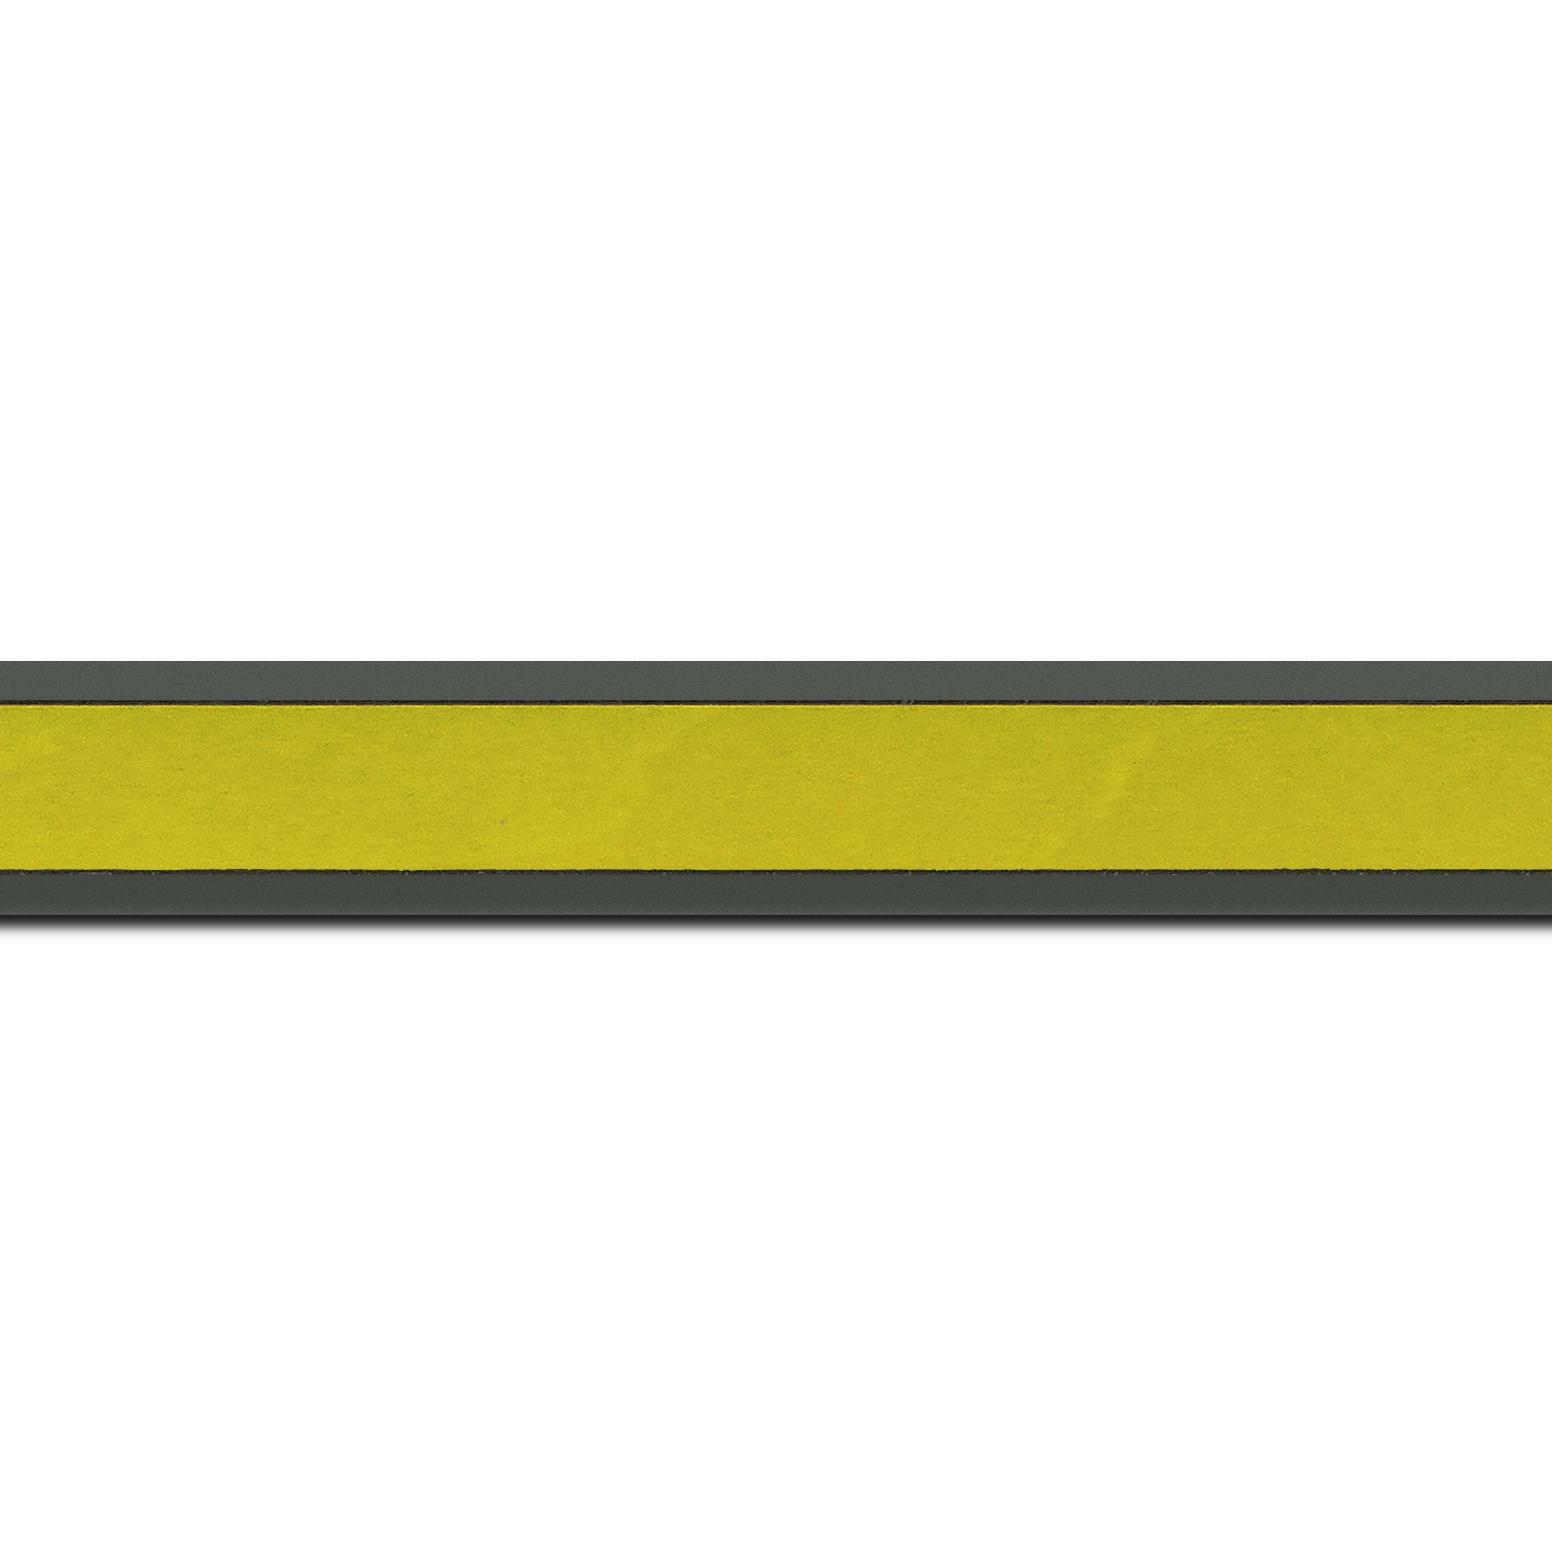 Pack par 12m, bois essence marupa profil plat largeur 2.5cm plaquage érable teinté vert anis,  filet intérieur et extérieur gris foncé (longueur baguette pouvant varier entre 2.40m et 3m selon arrivage des bois)